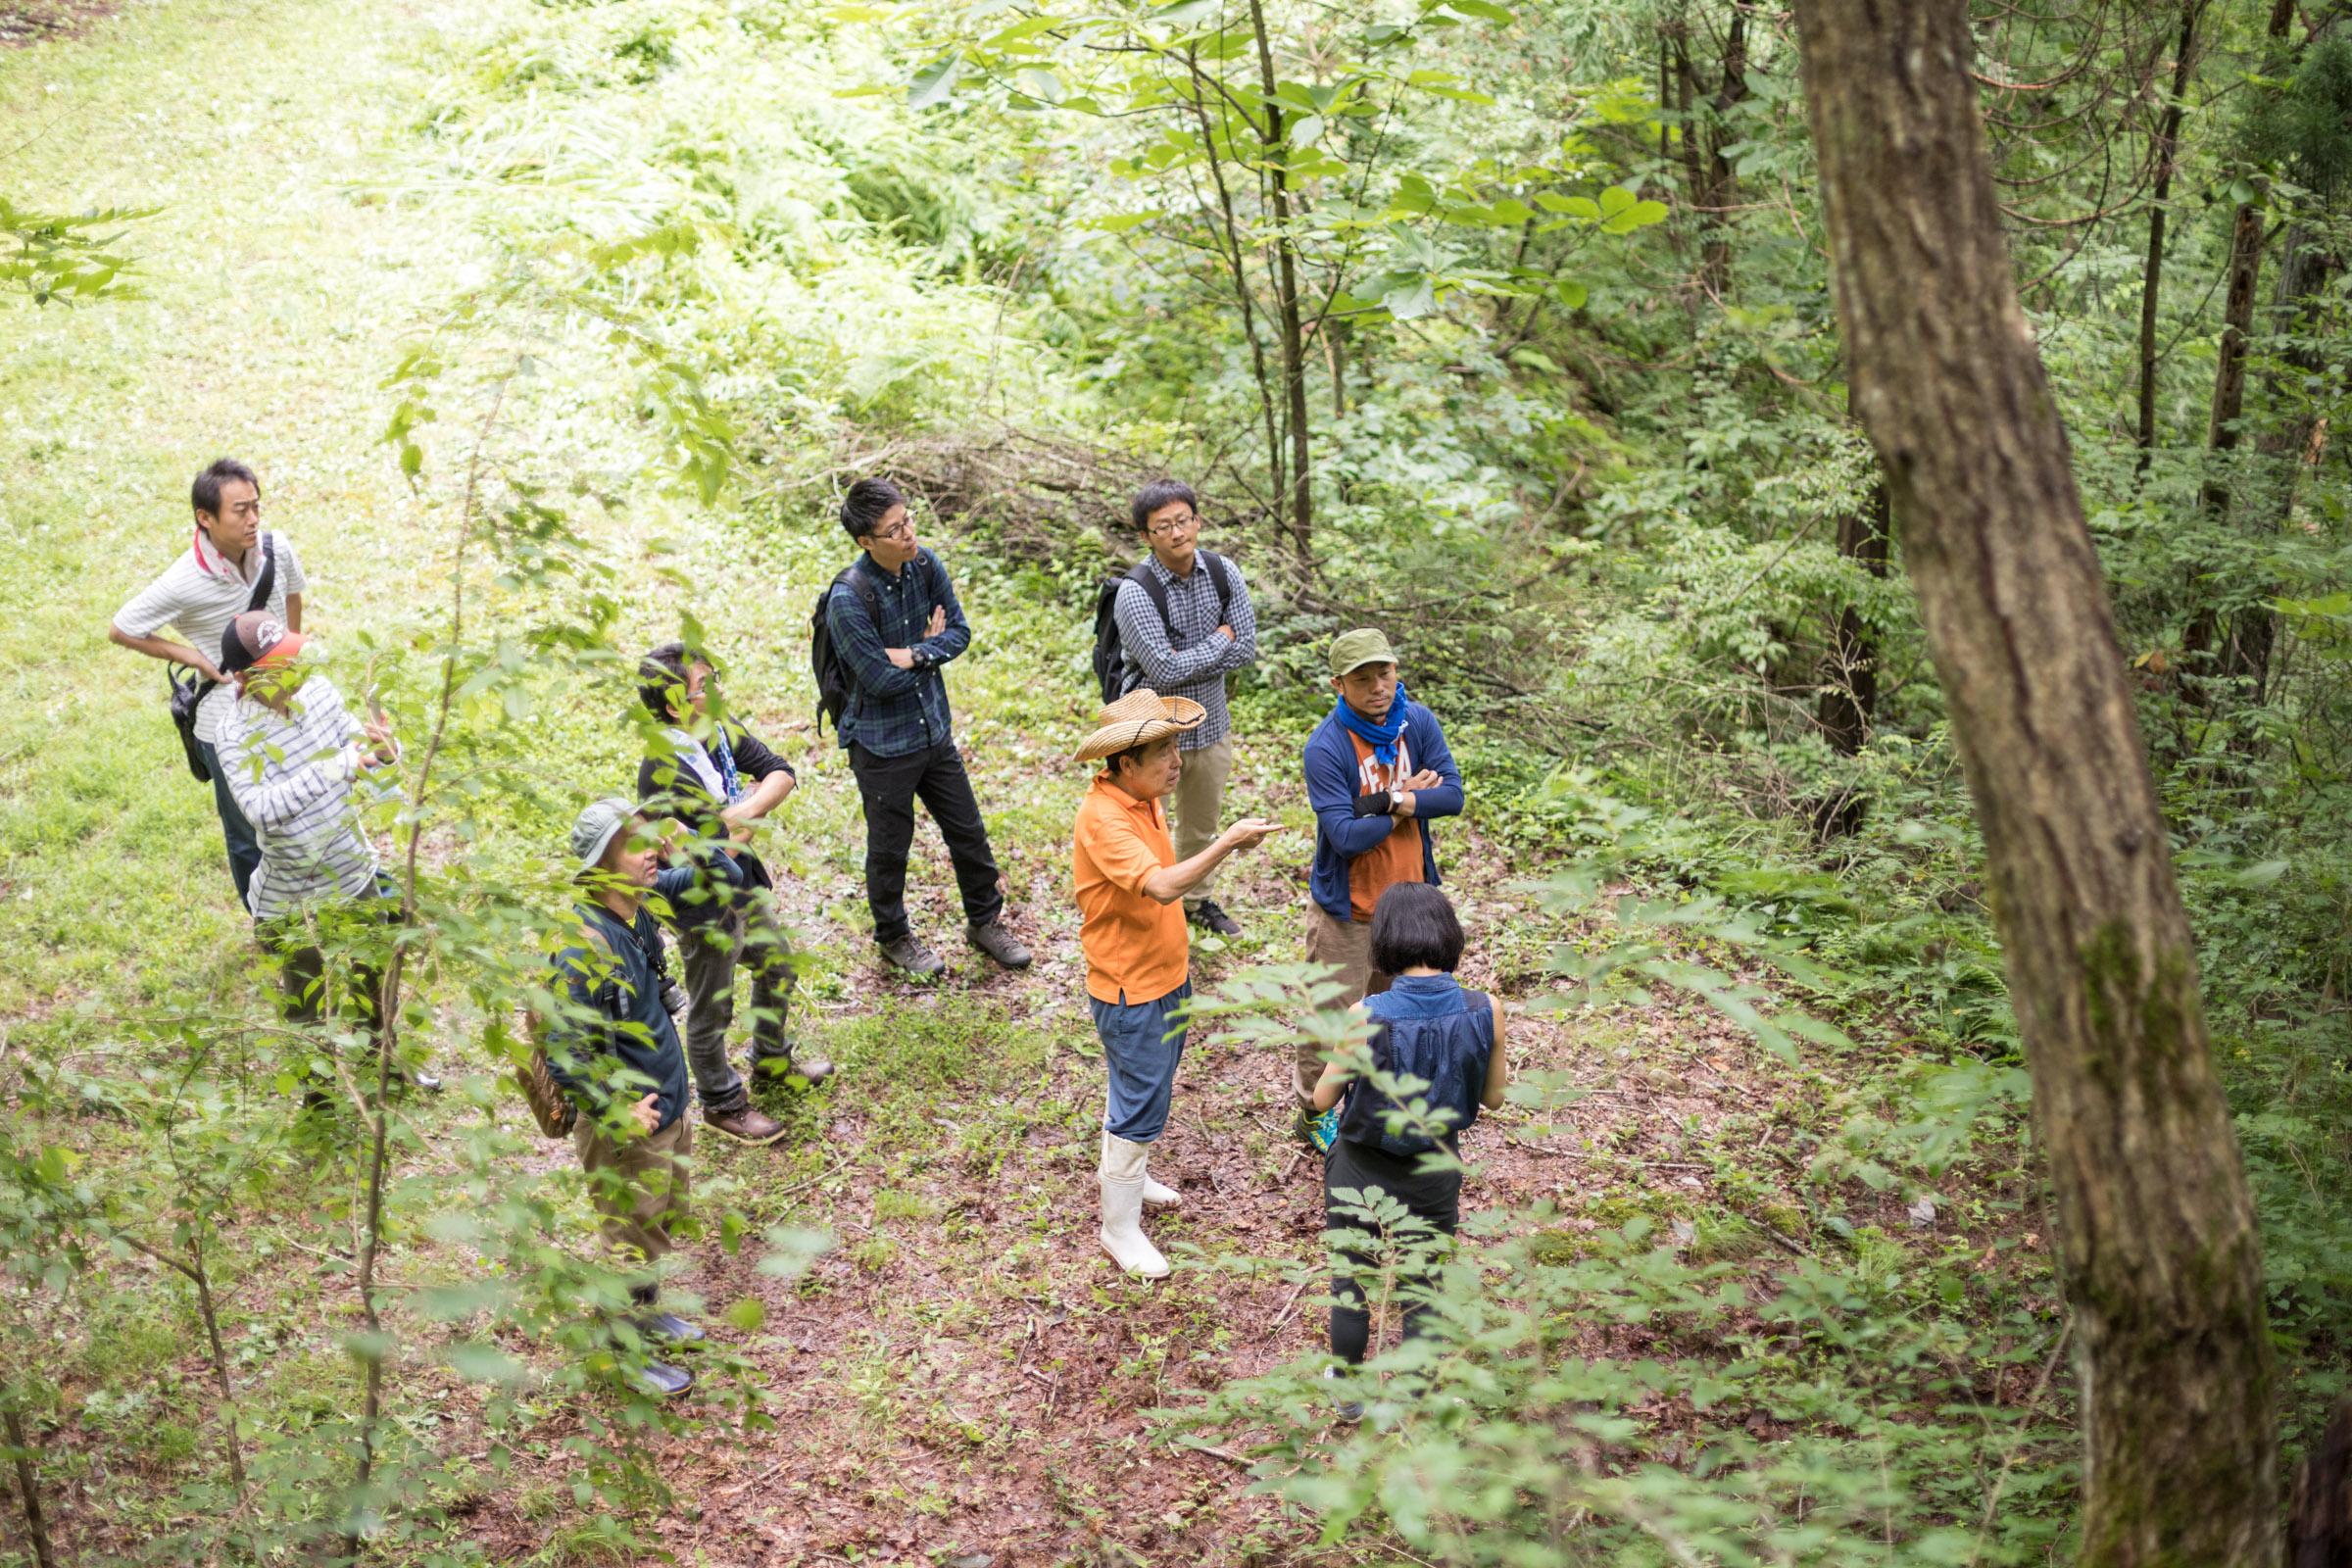 岐阜県飛騨市にある森を地元の森主のガイドで歩いた合宿